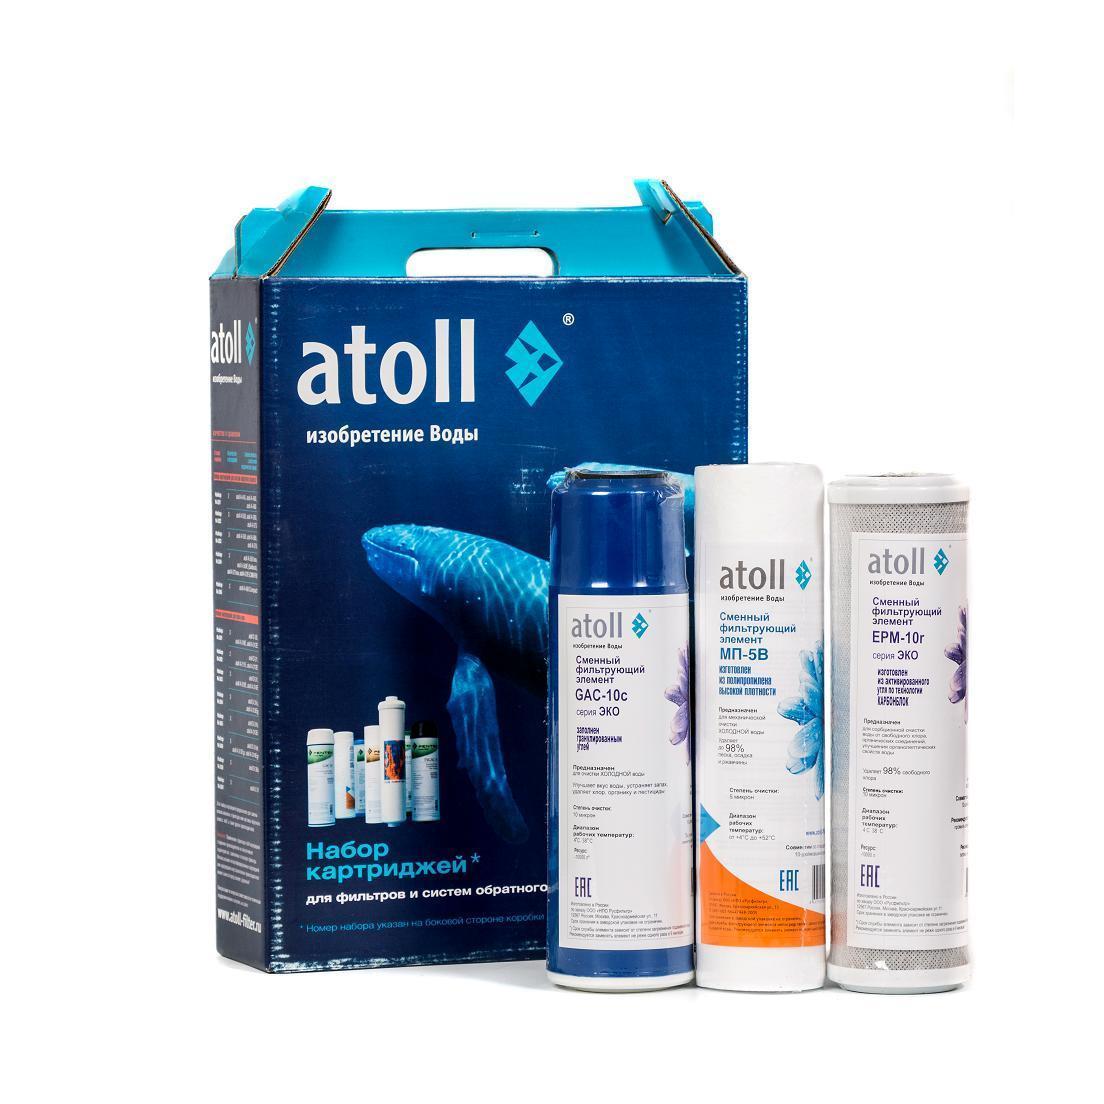 Комплект картриджей Atoll 203 ECO для фильтра обратного осмоса